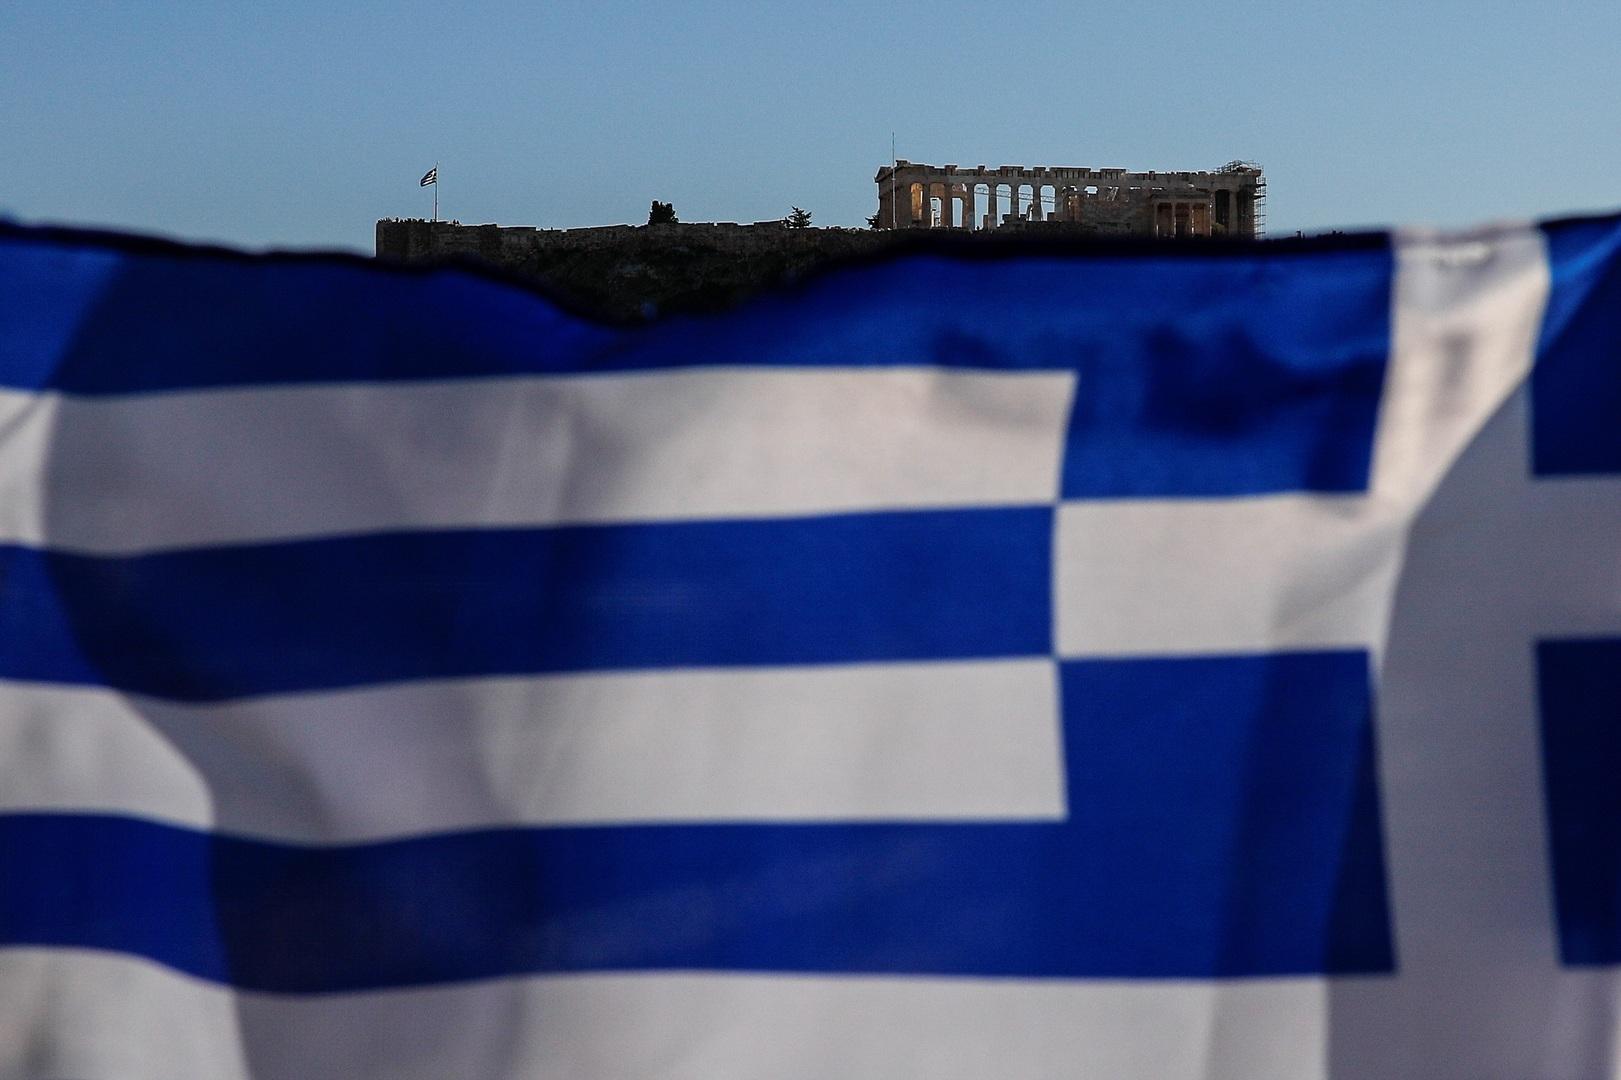 اليونان تعلن عن فرص استثمارية واعدة